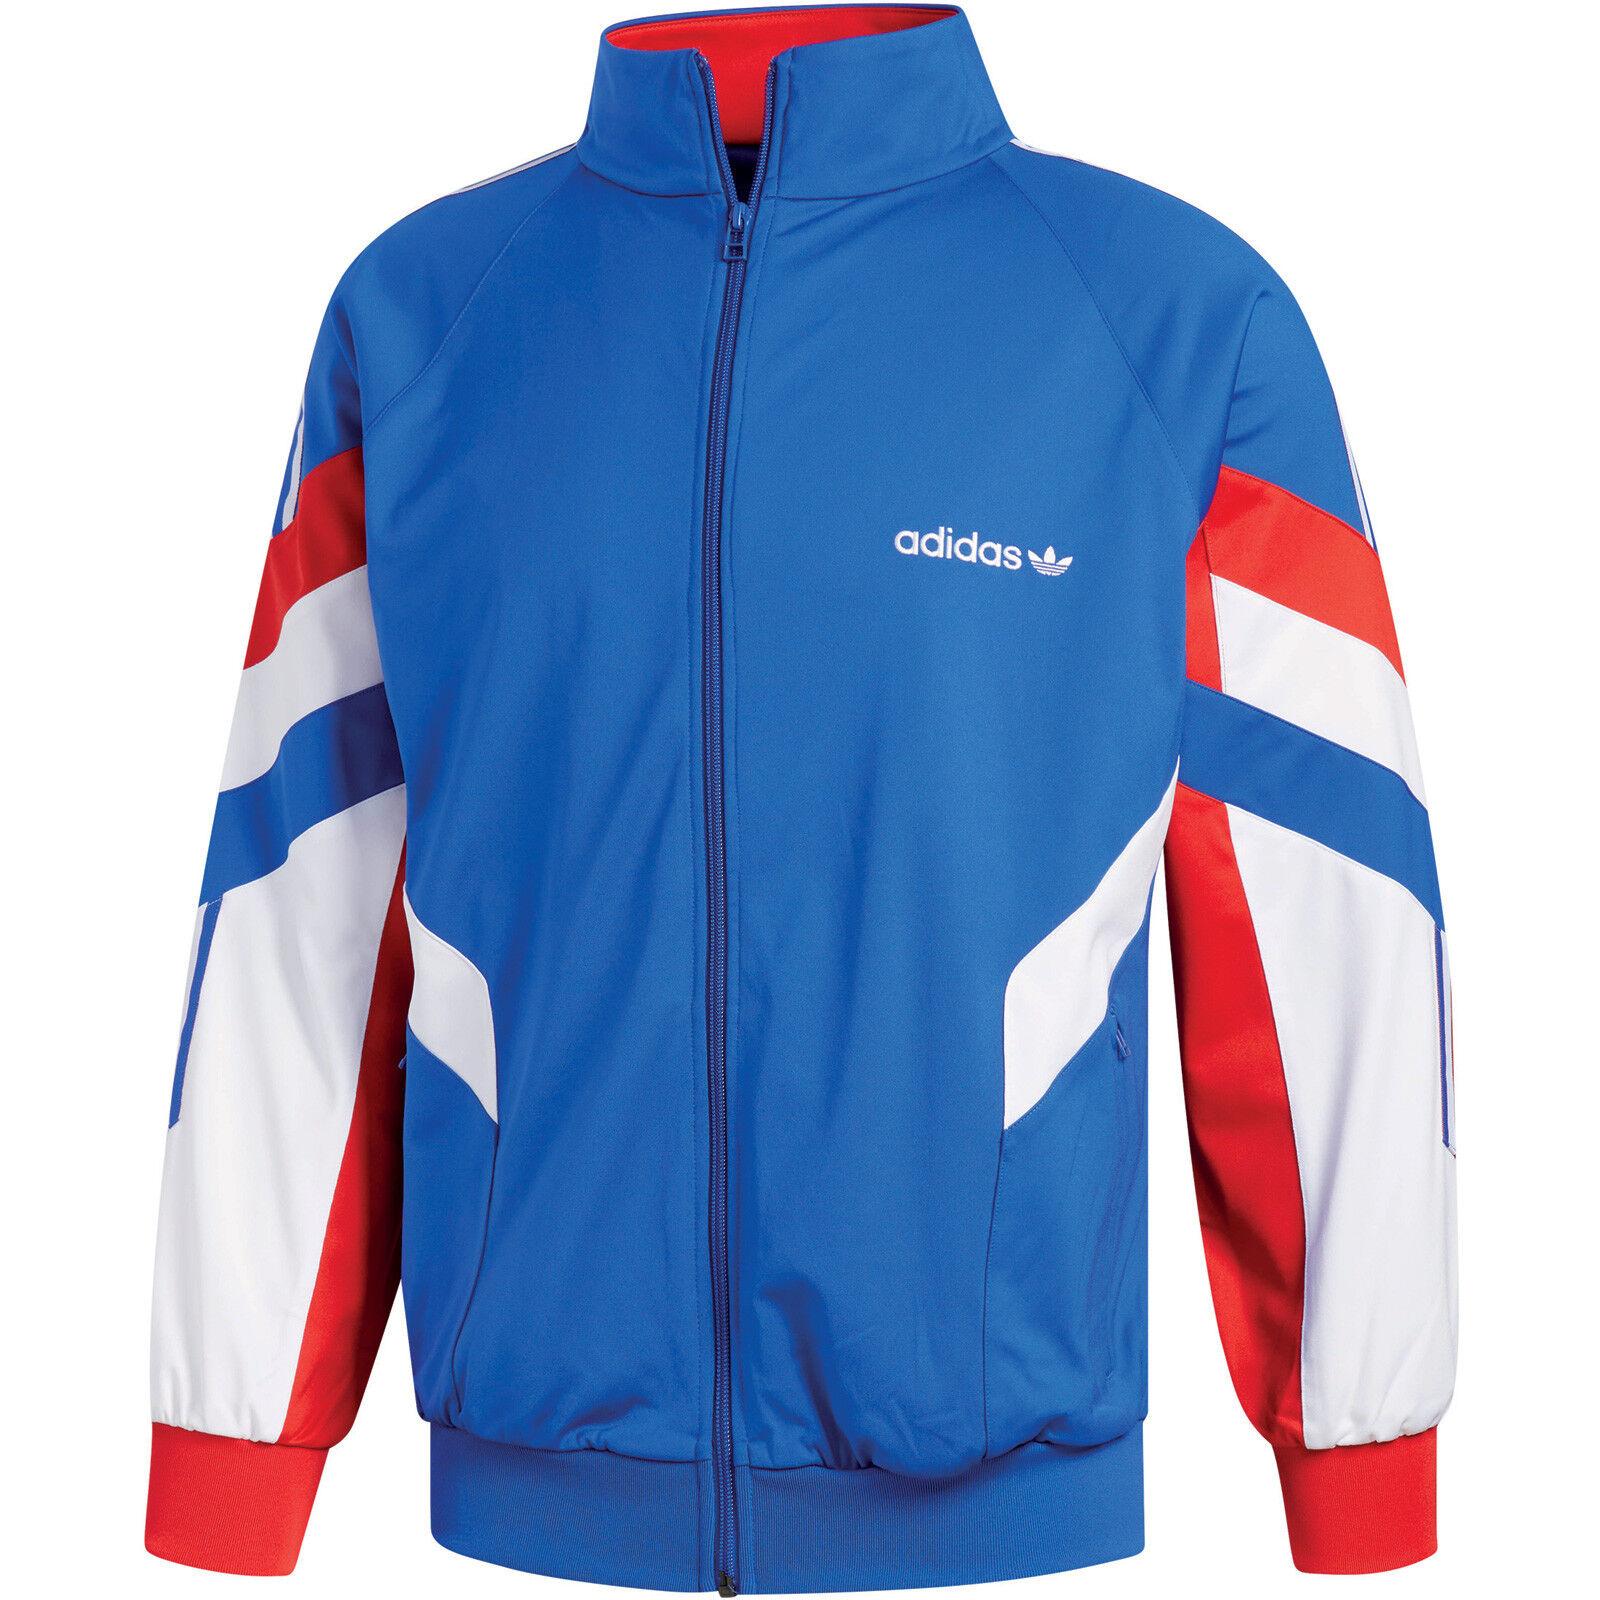 Adidas Originals Aloxe Aloxe Aloxe Track Top Retro-Trainingsjacke Herren-Sportjacke Jacke e7961e